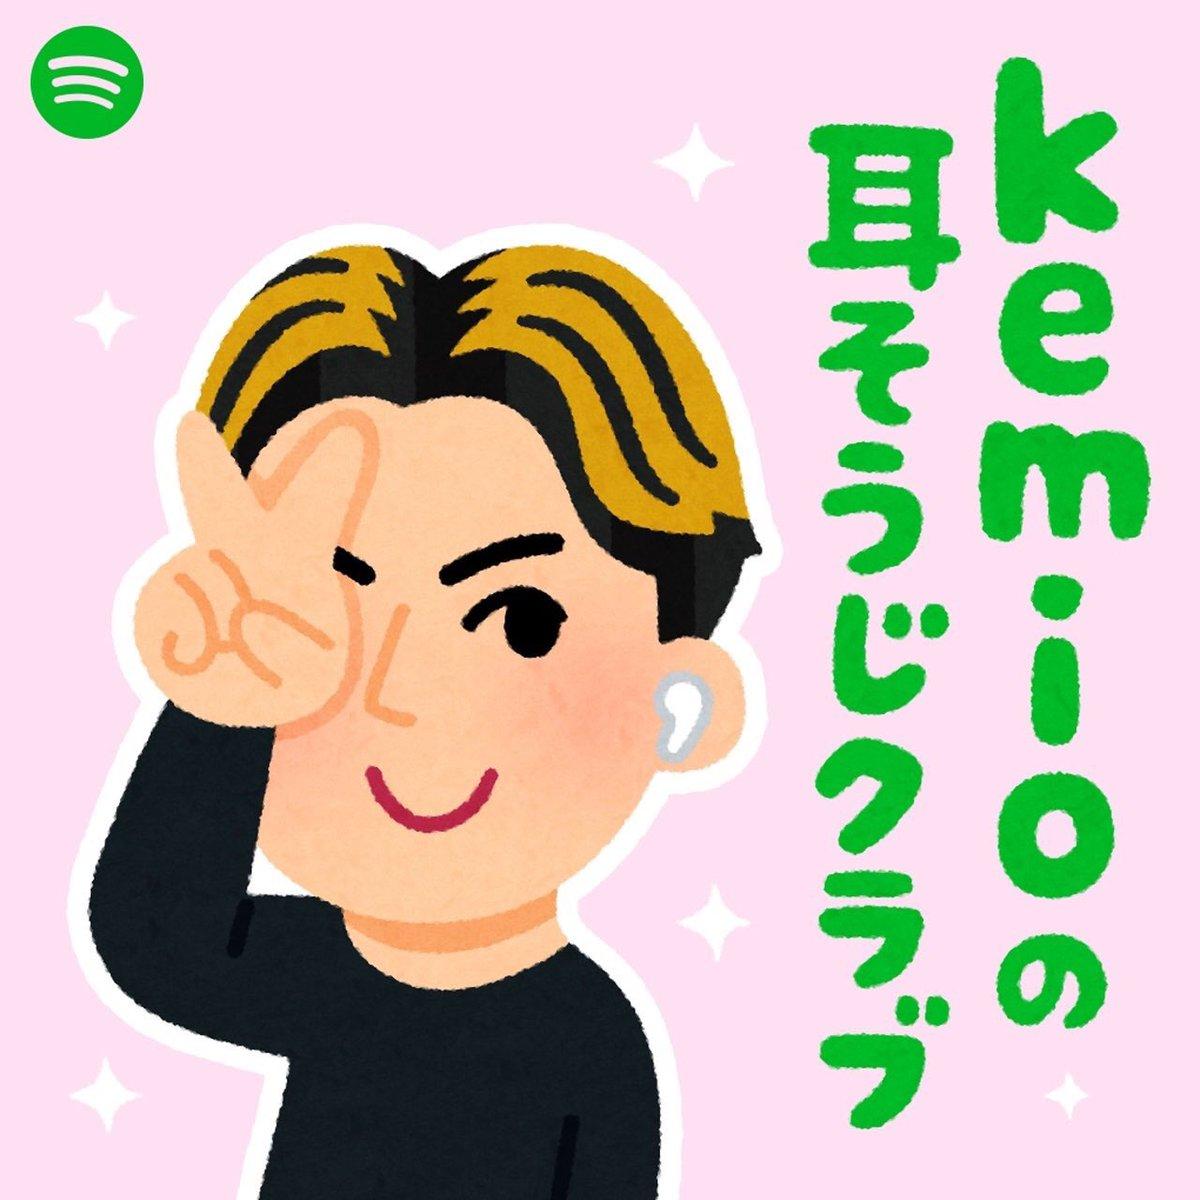 ケミオ君のラジオにヘラヘラ三銃士が出るよ〜✨たのしかったぁぁ8月1日と8日です!!日付変わったらすぐ更新されます!!#kemioの耳そうじクラブ…